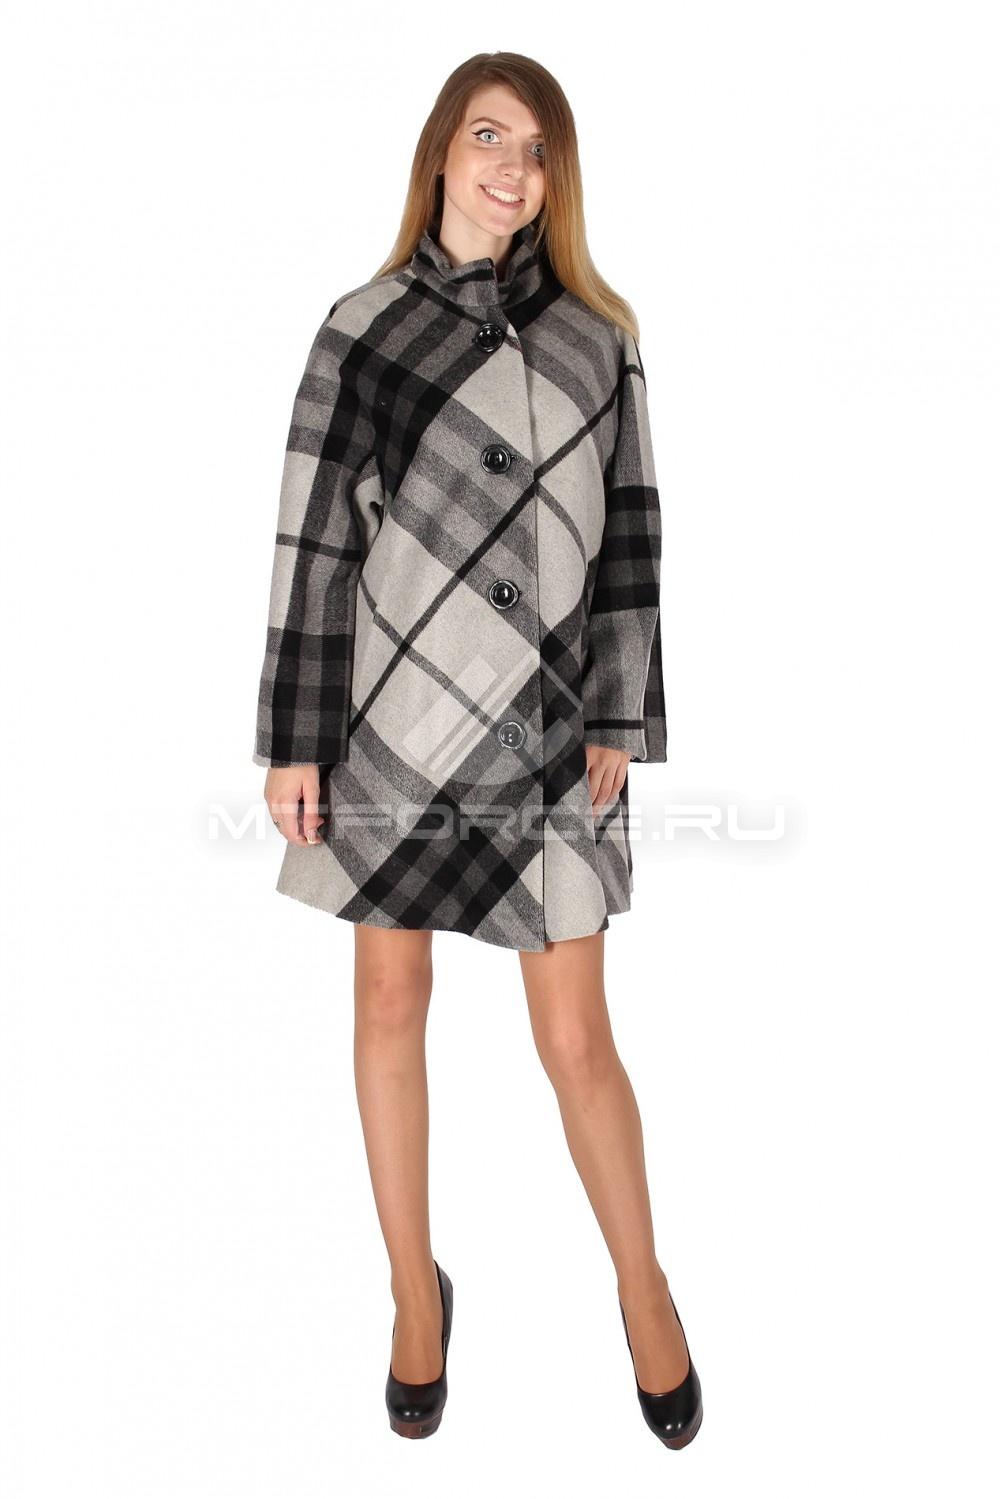 Купить                                  оптом Полупальто женское серого цвета 16324Sr